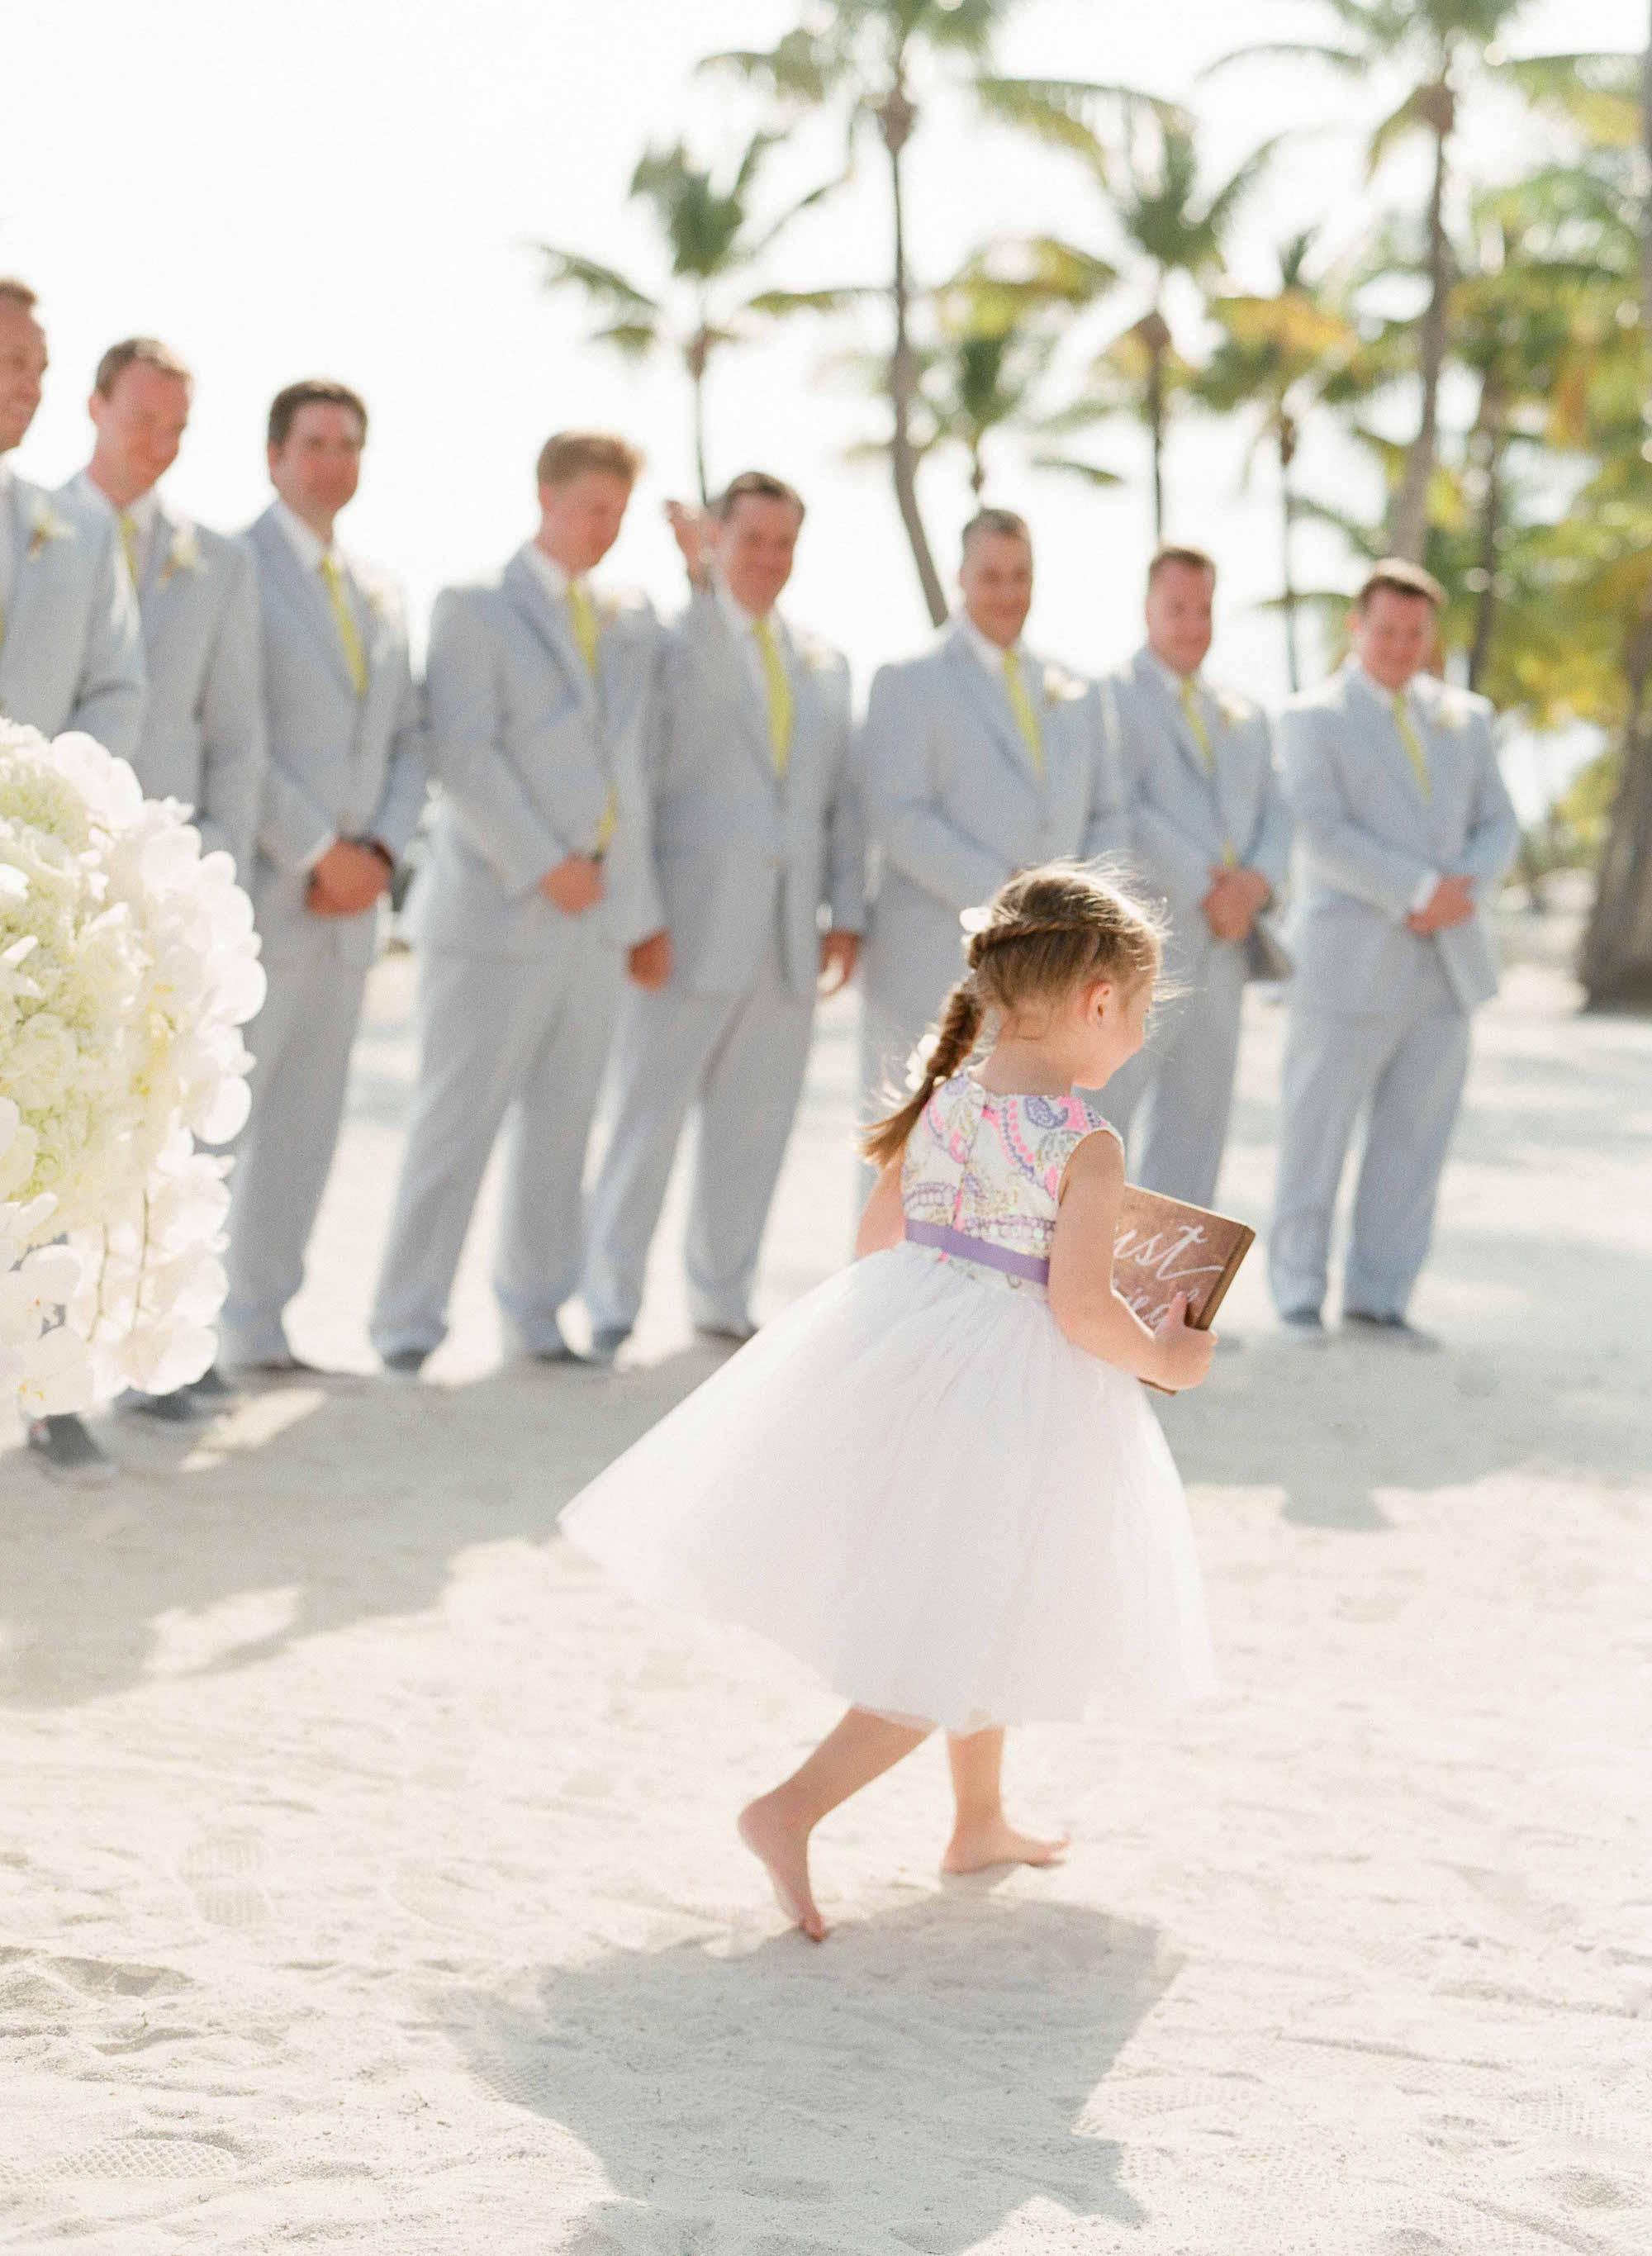 Flower girl walking in sand destination wedding ceremony on beach